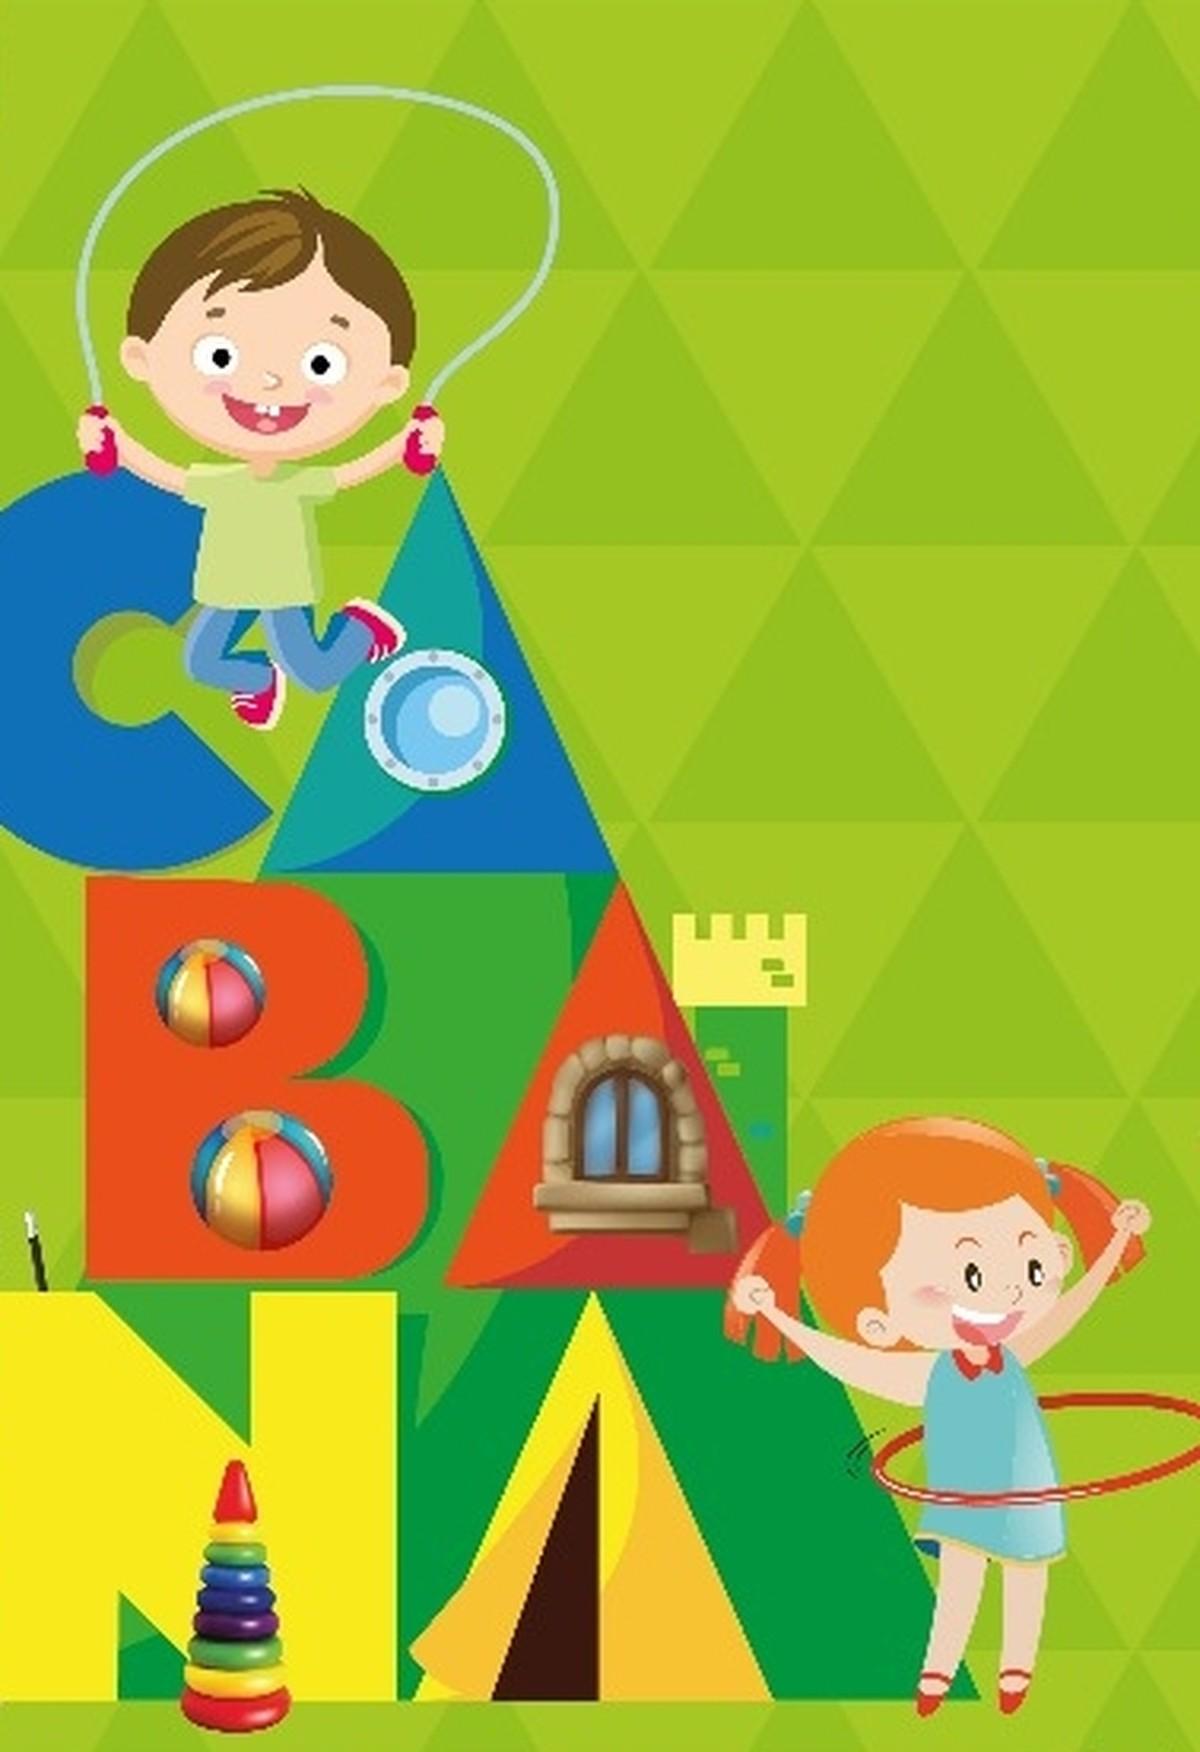 Programação infantil é realizada durante mês de férias em Caruaru